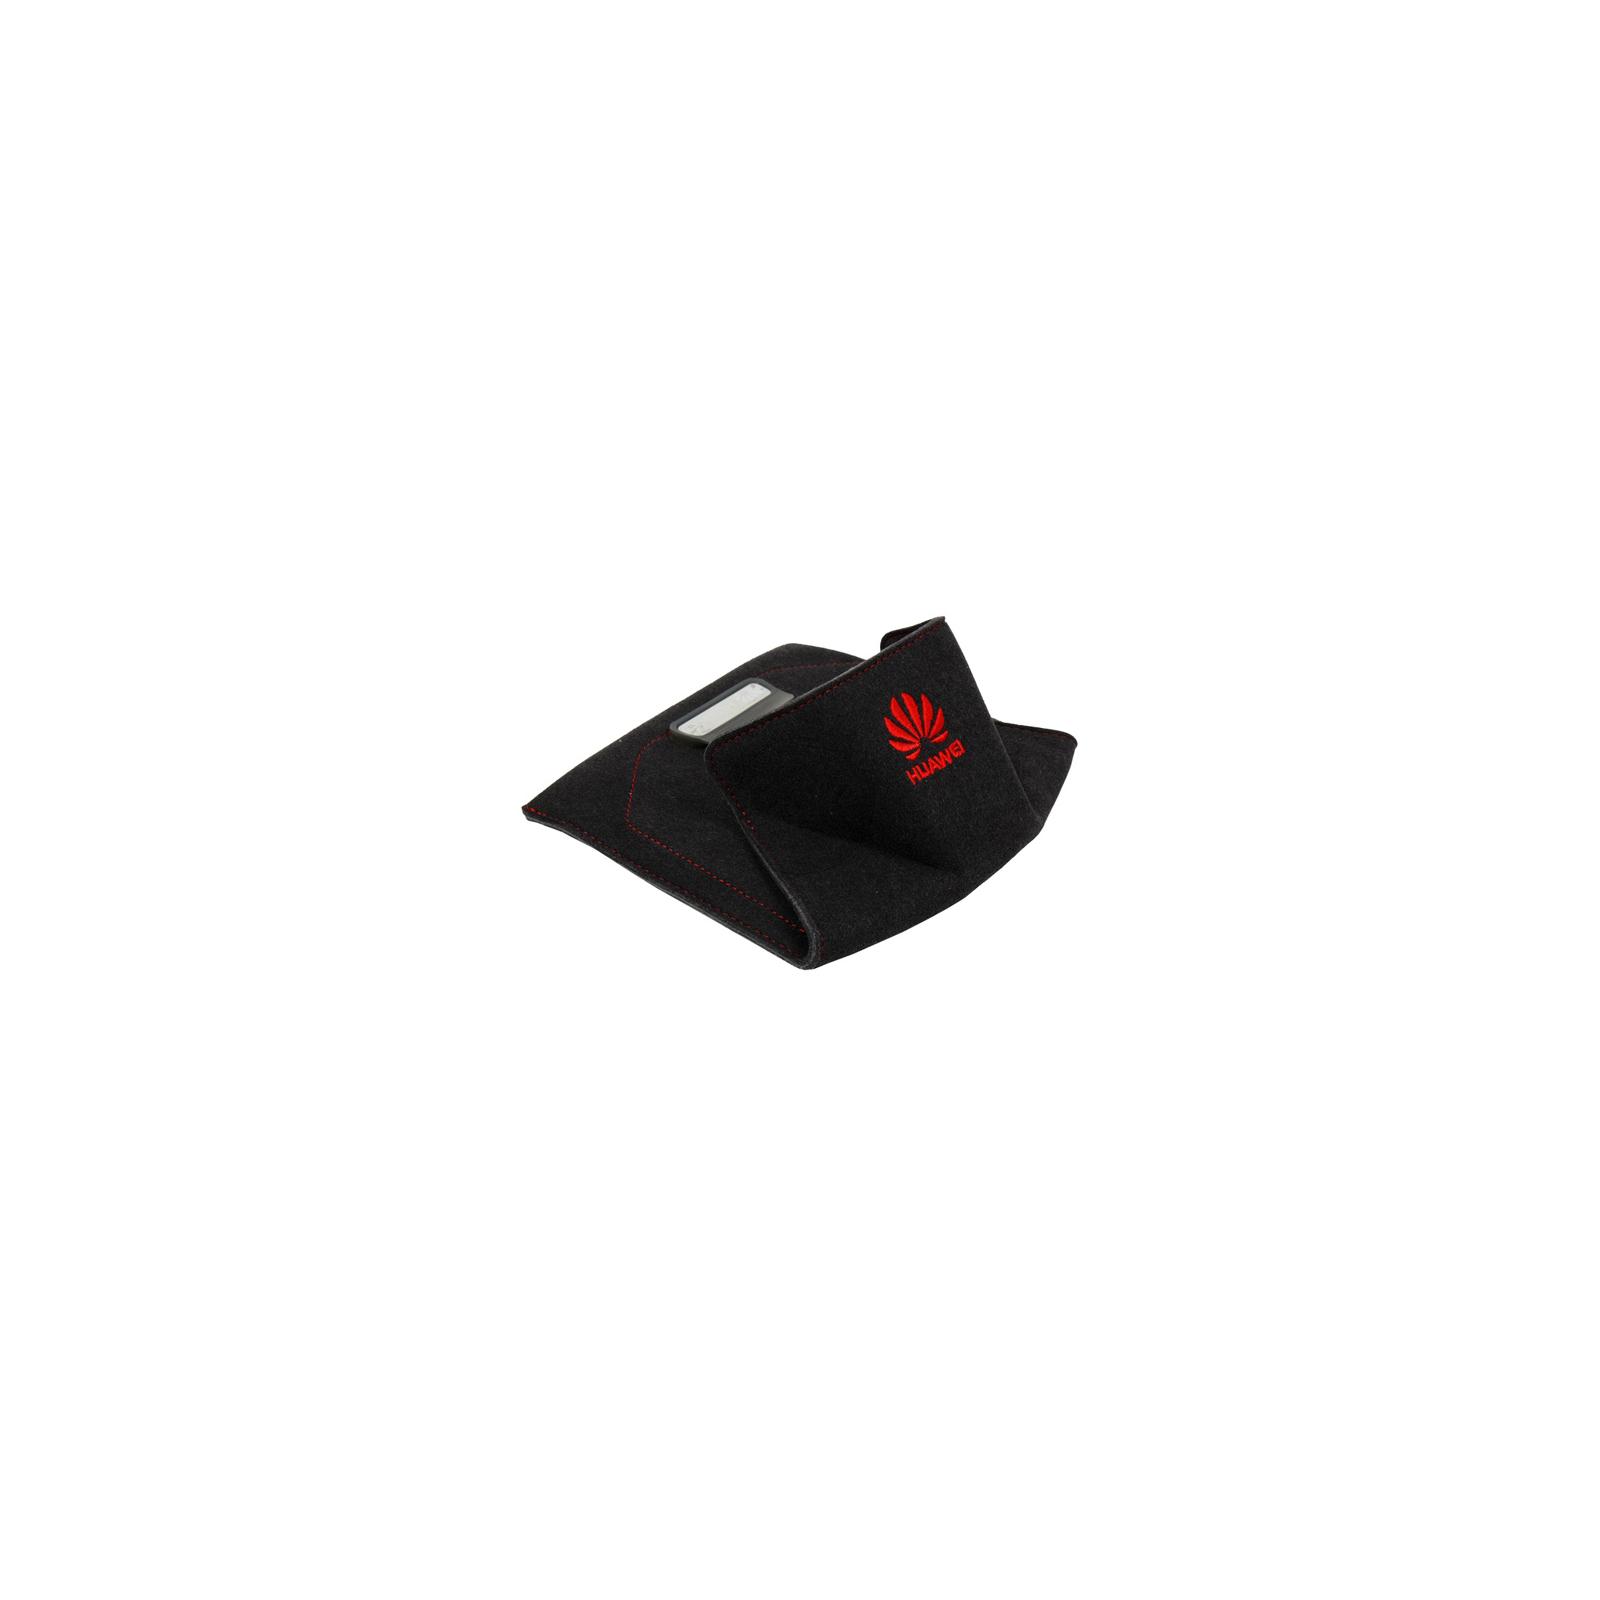 Чехол для планшета Huawei 7 MediaPad Microfiber Case Folding (51990175) изображение 4